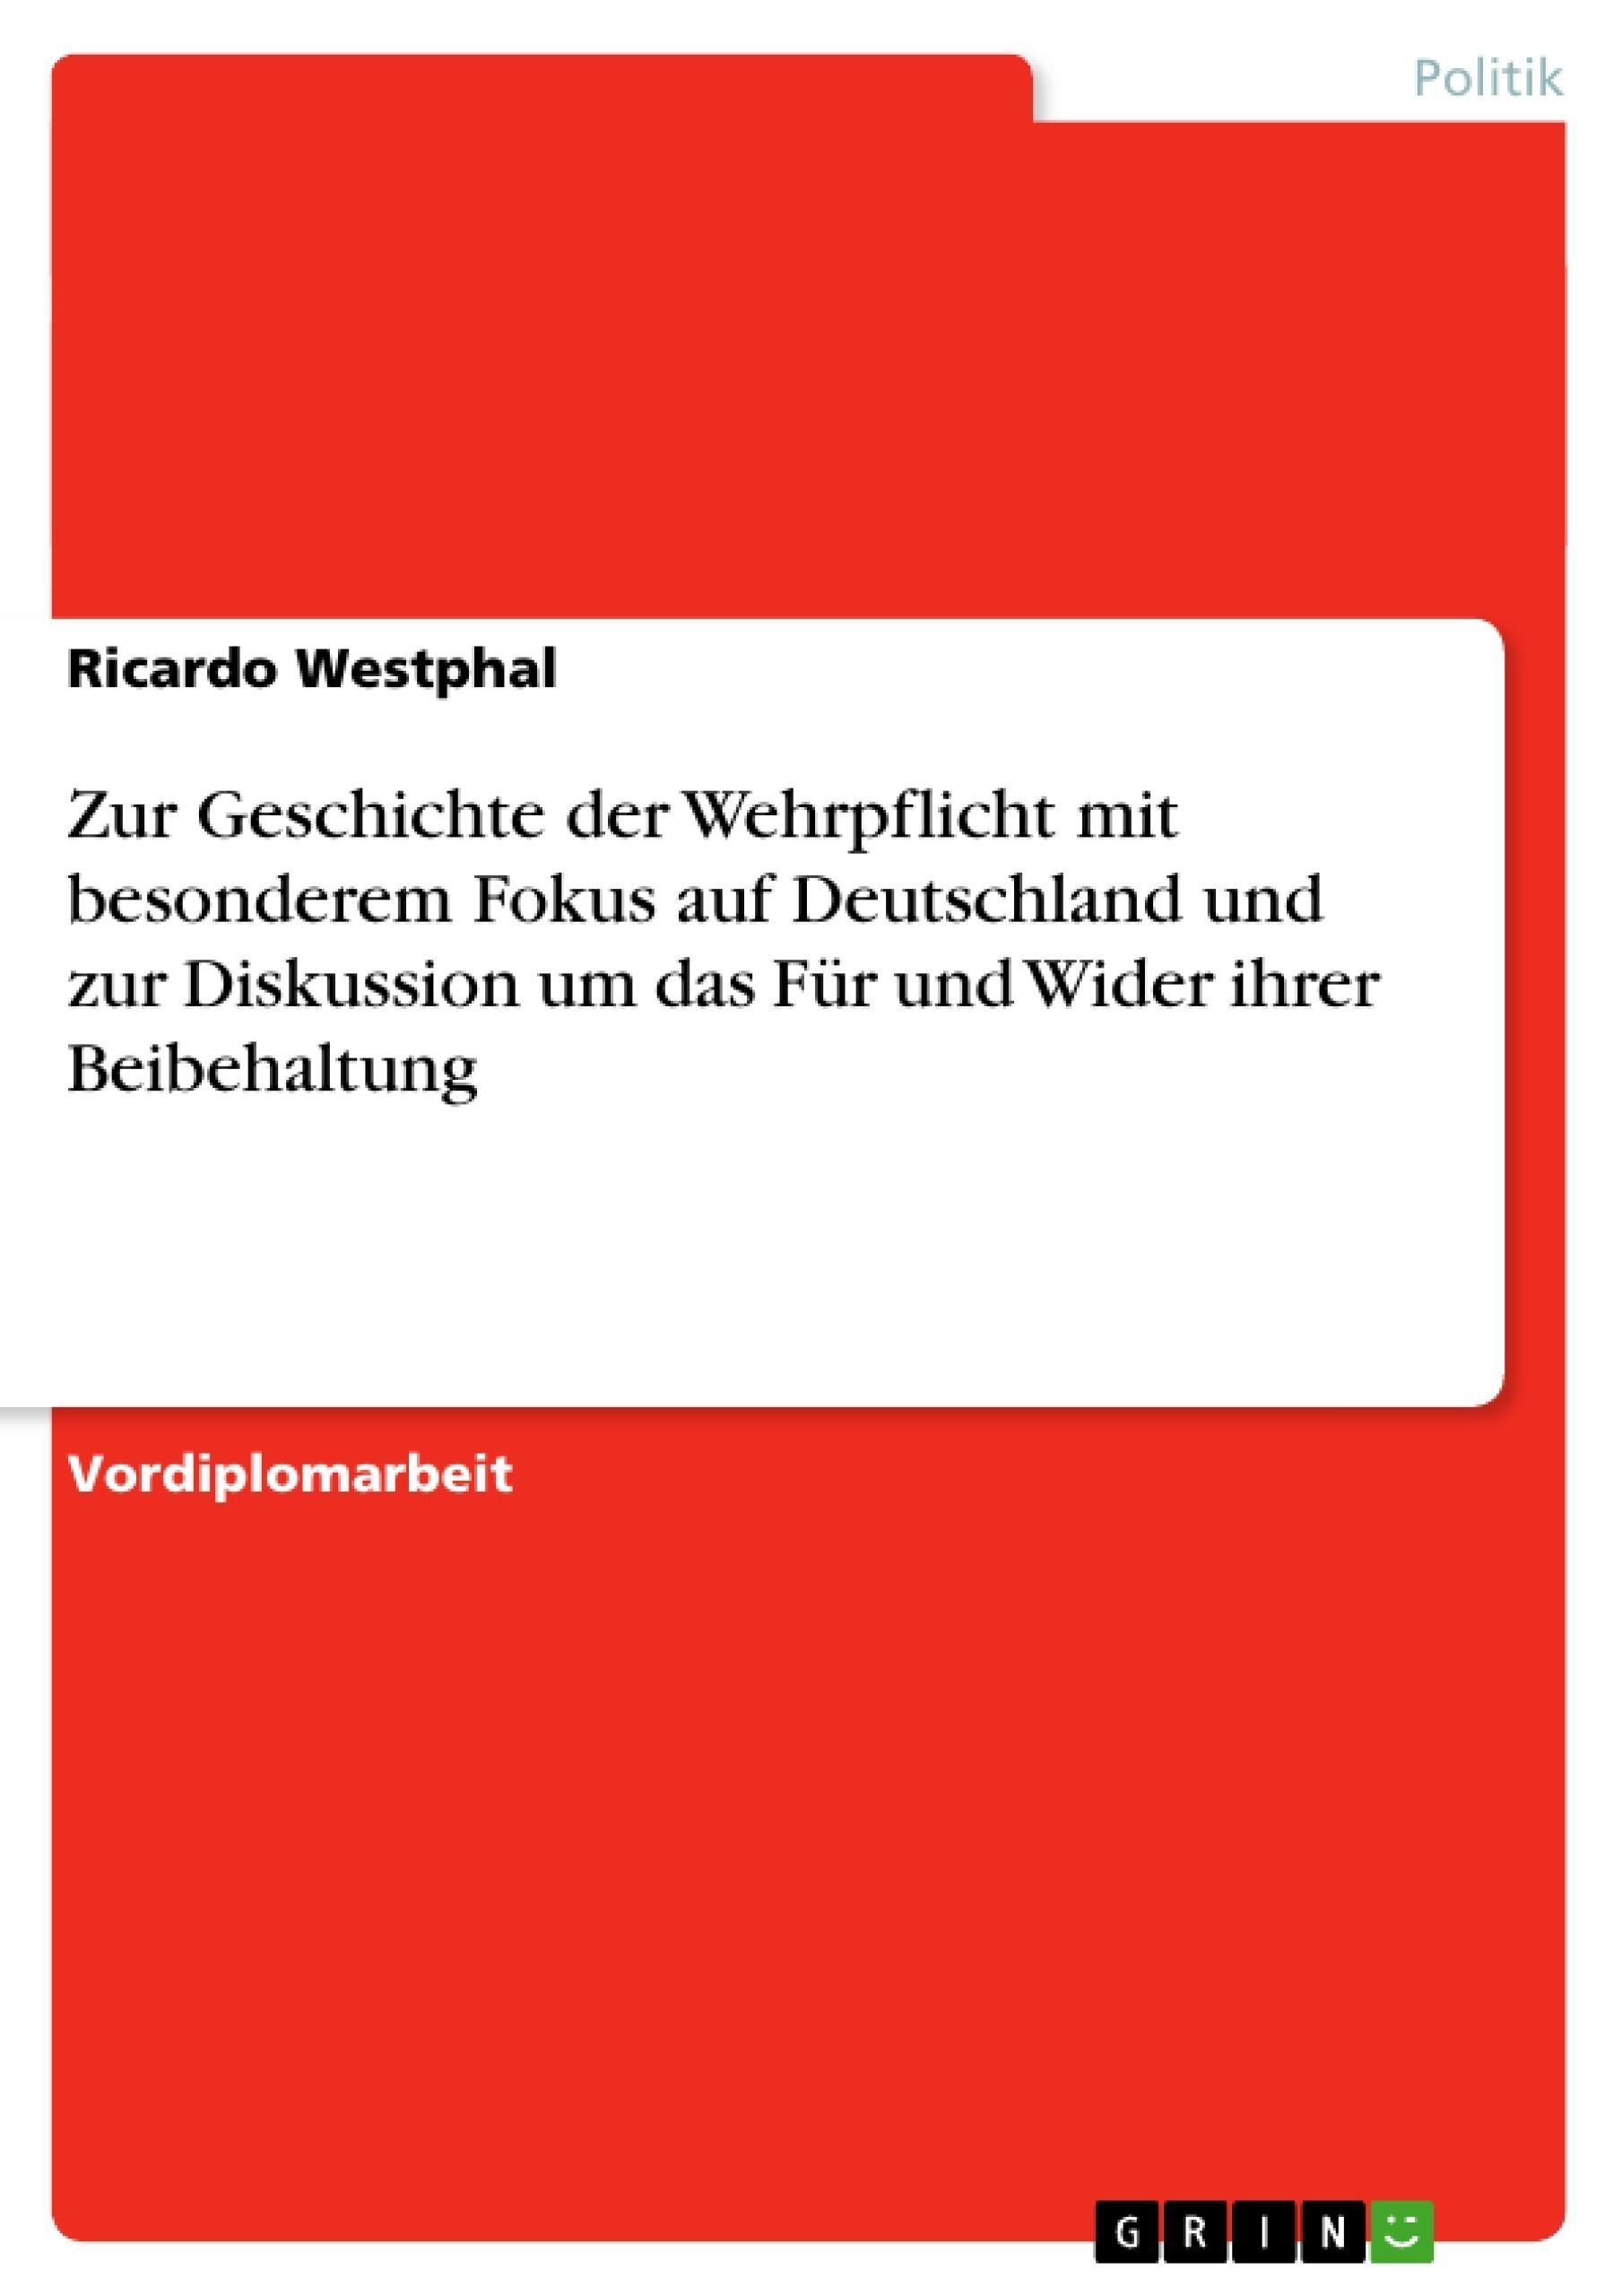 Titel: Zur Geschichte der Wehrpflicht mit besonderem Fokus auf Deutschland und zur Diskussion um das Für und Wider ihrer Beibehaltung